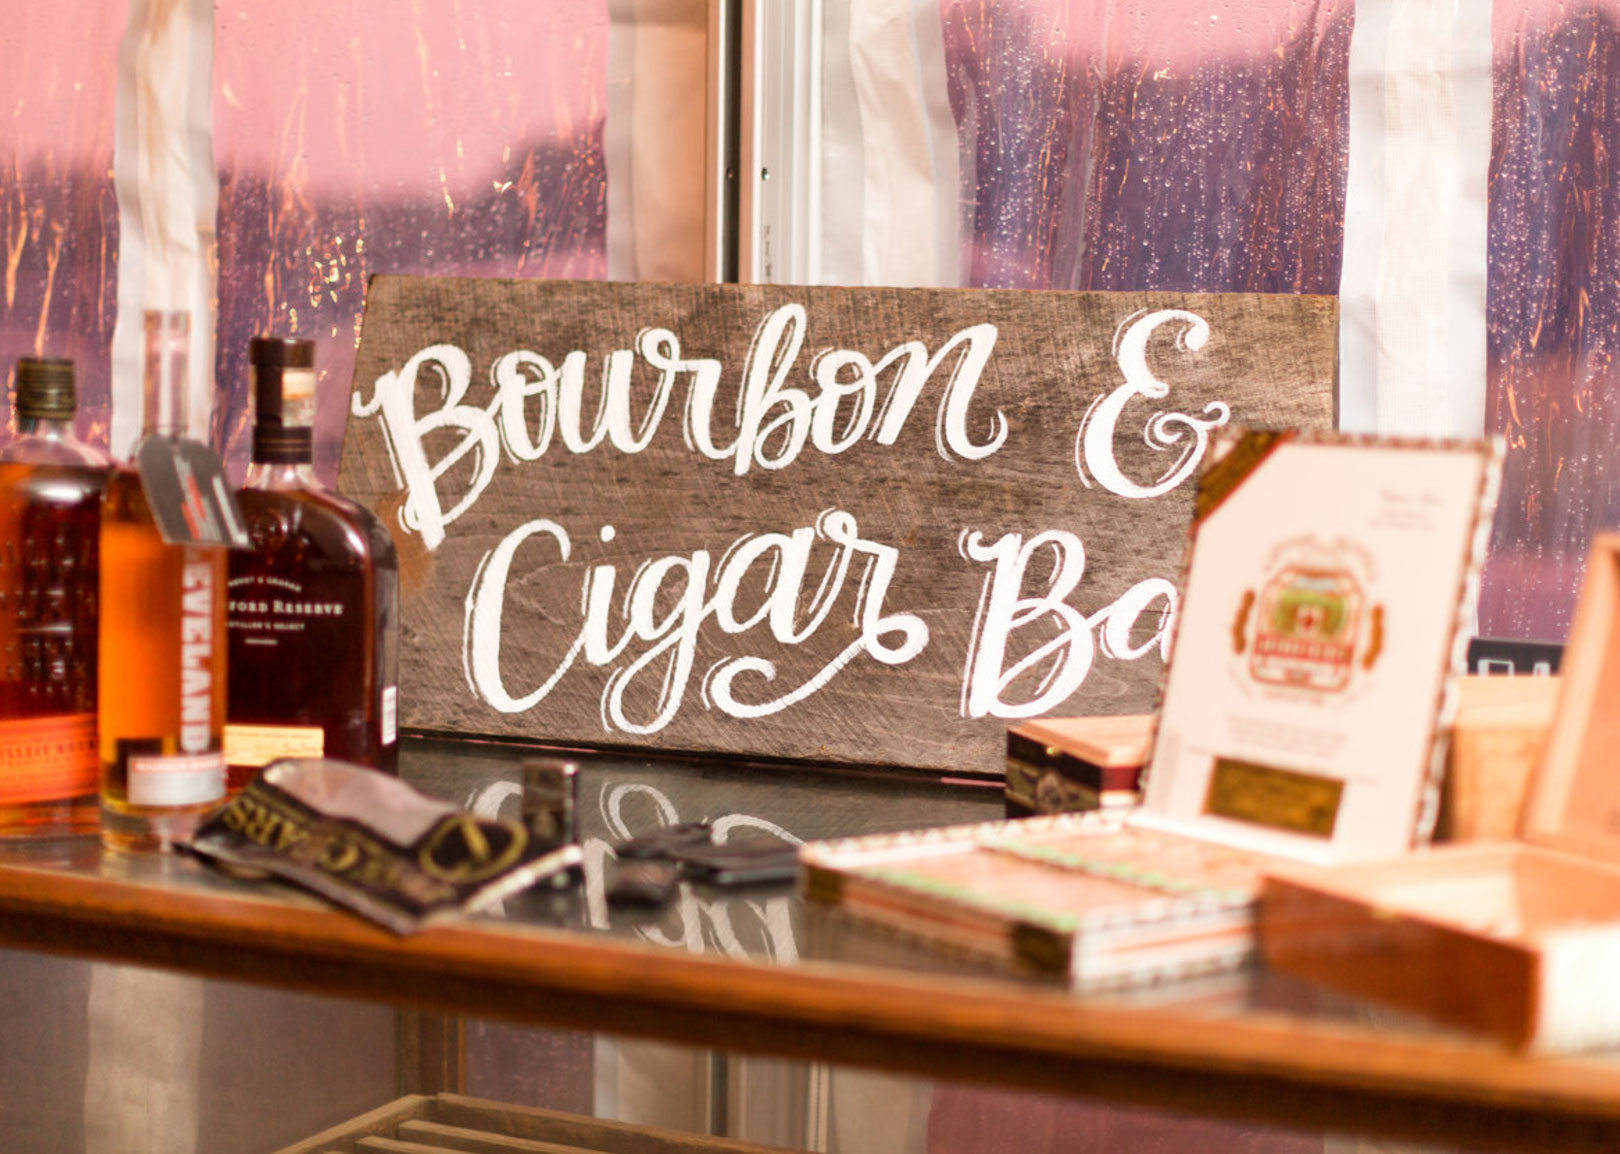 bourboncigar-sign